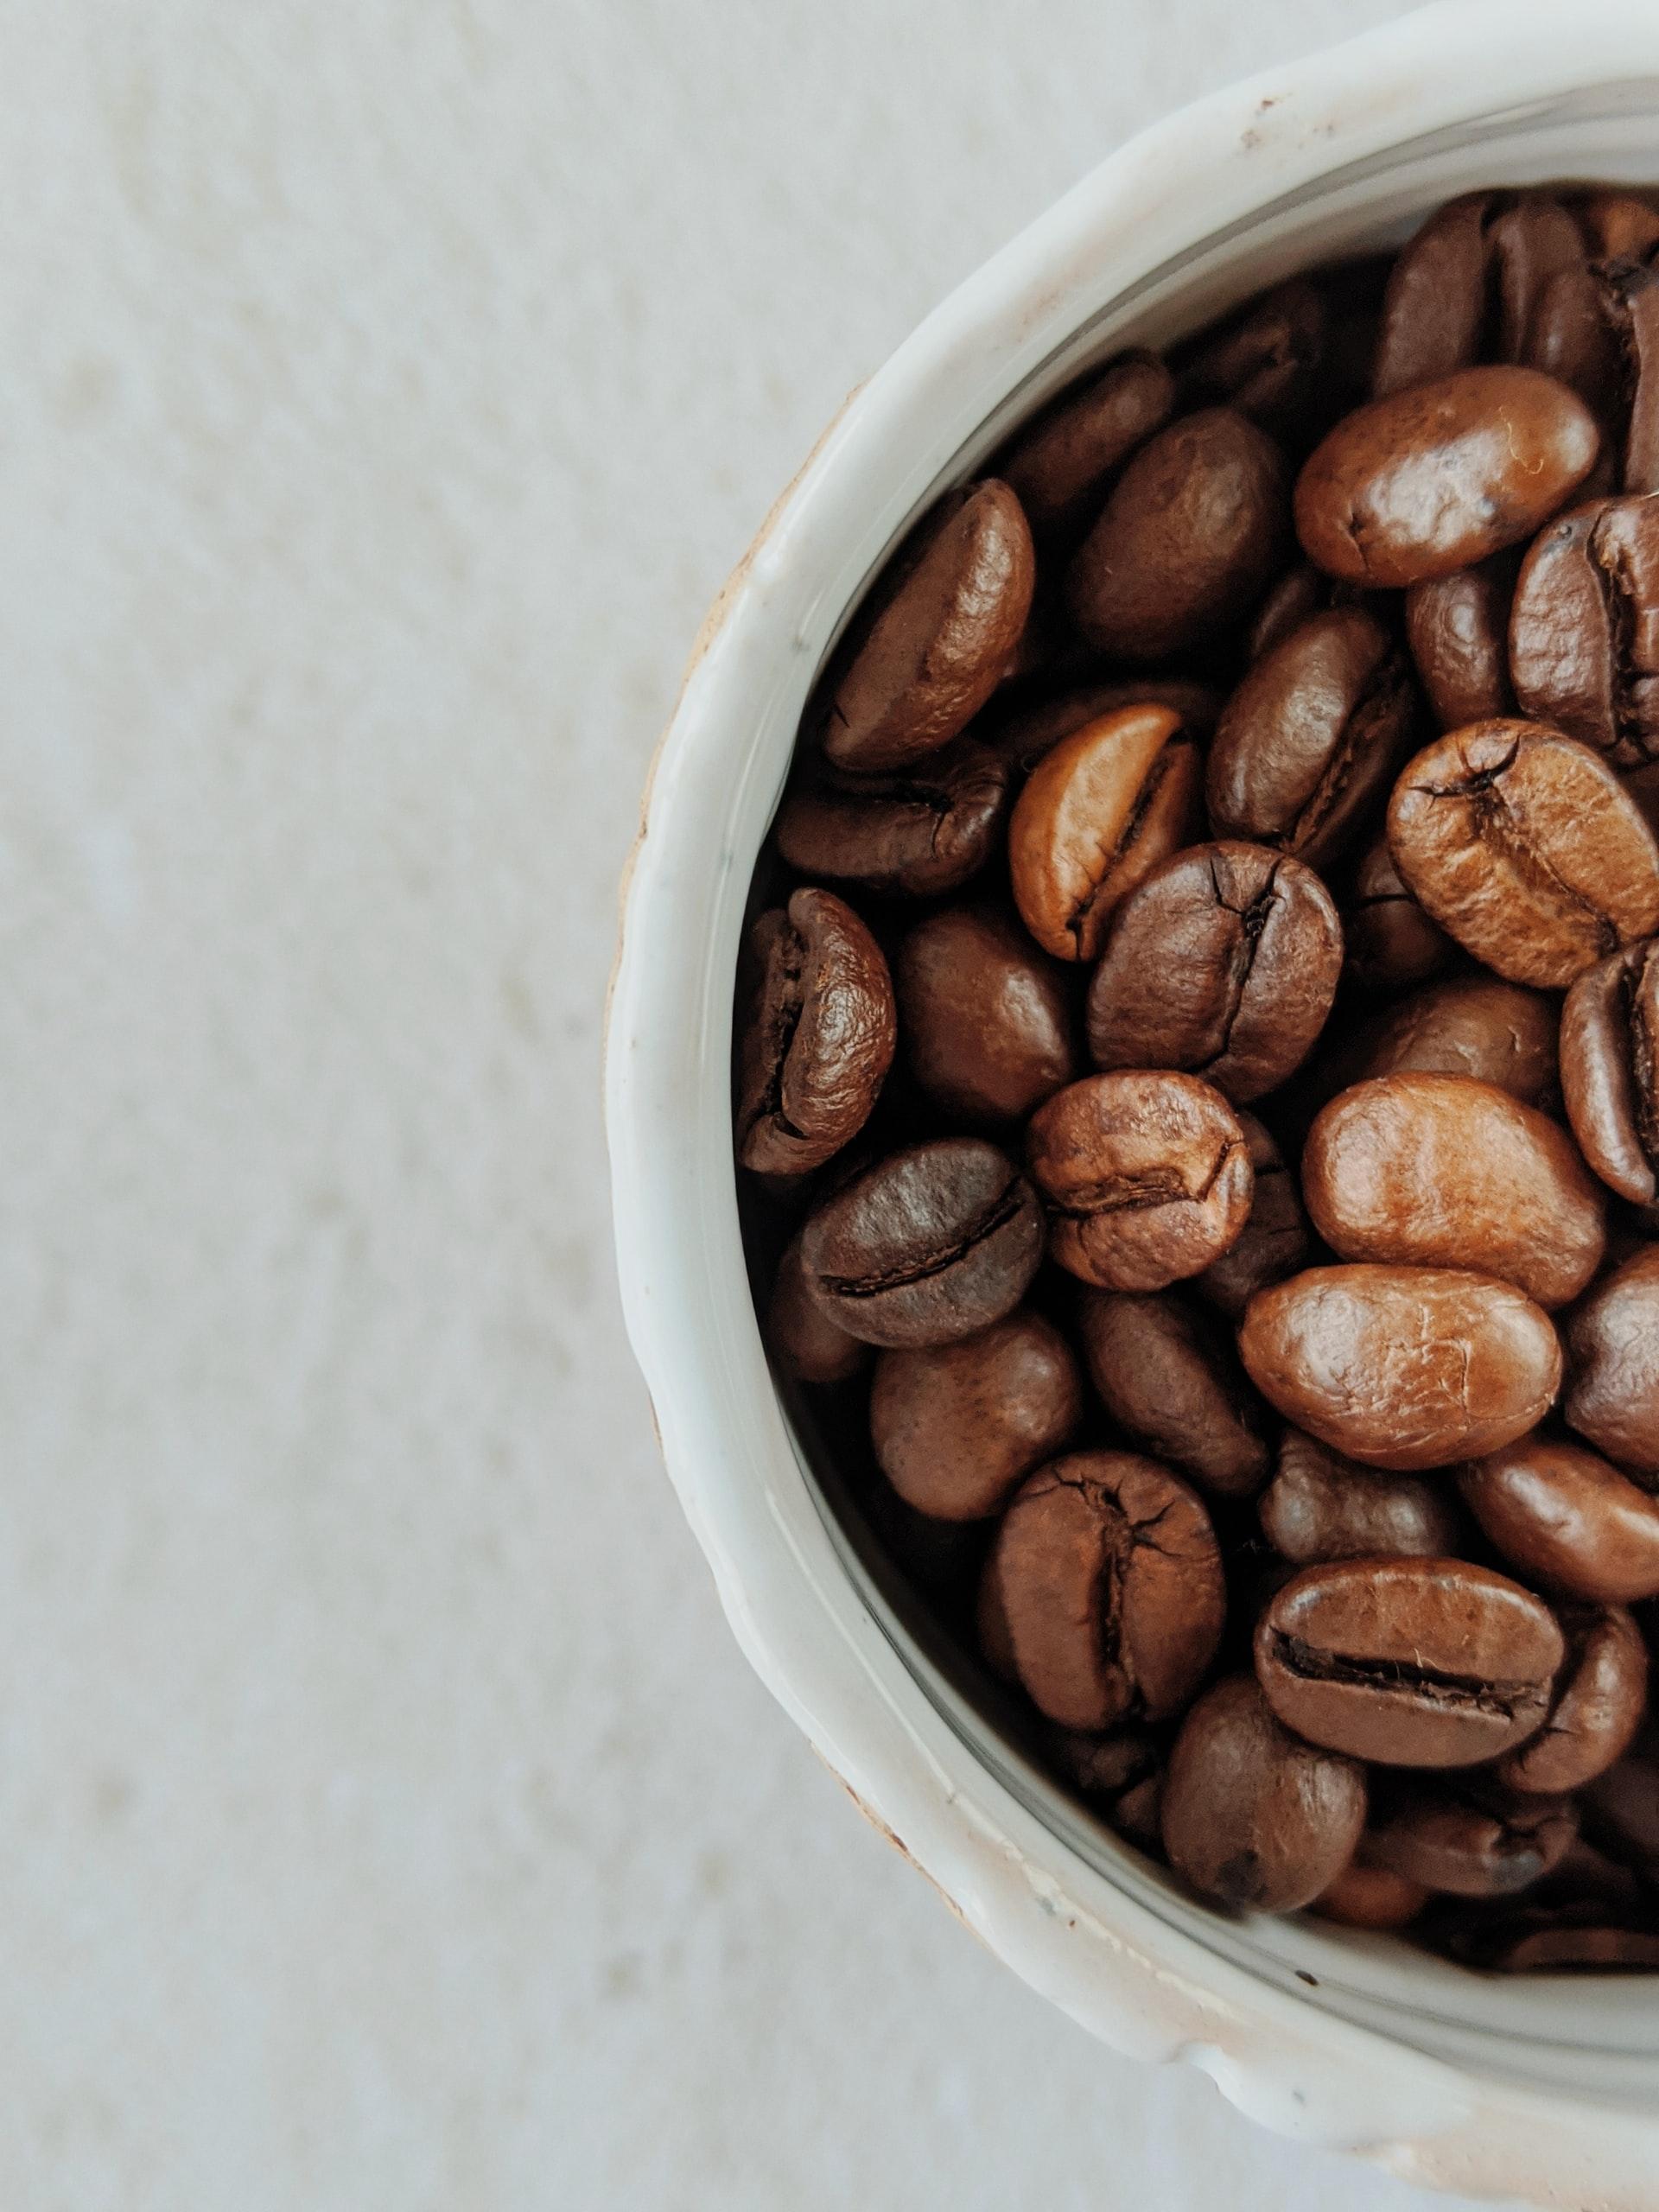 Comment bien conserver son café à la maison